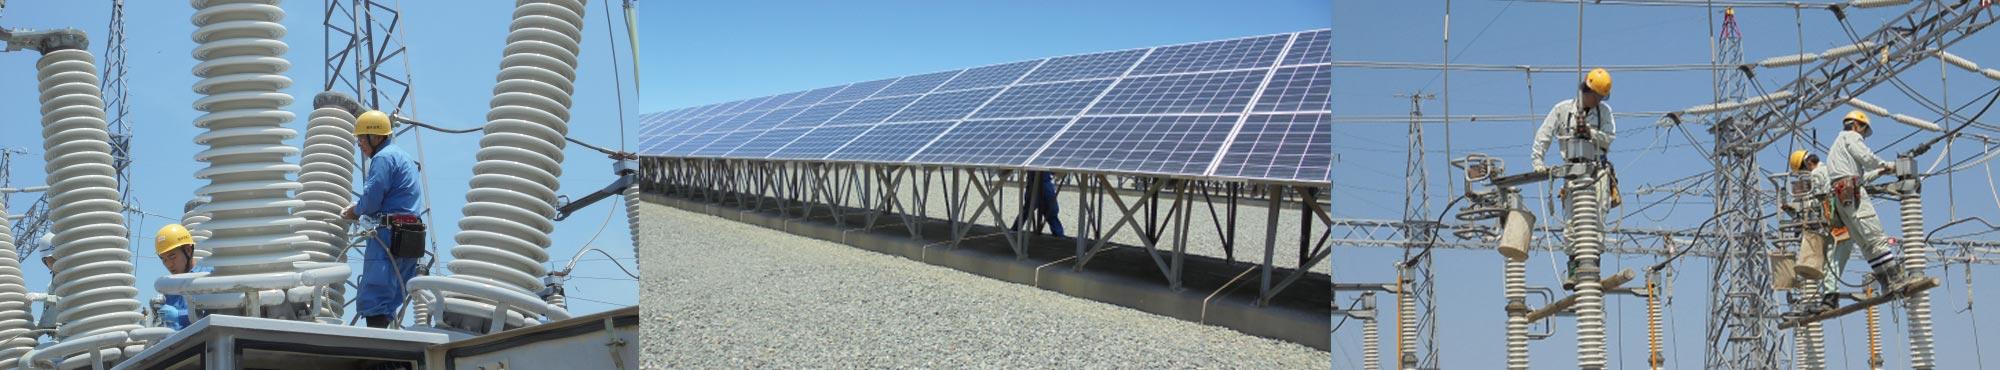 北陸エコシステム株式会社は北陸電力関連の仕事を中心に行っている会社です